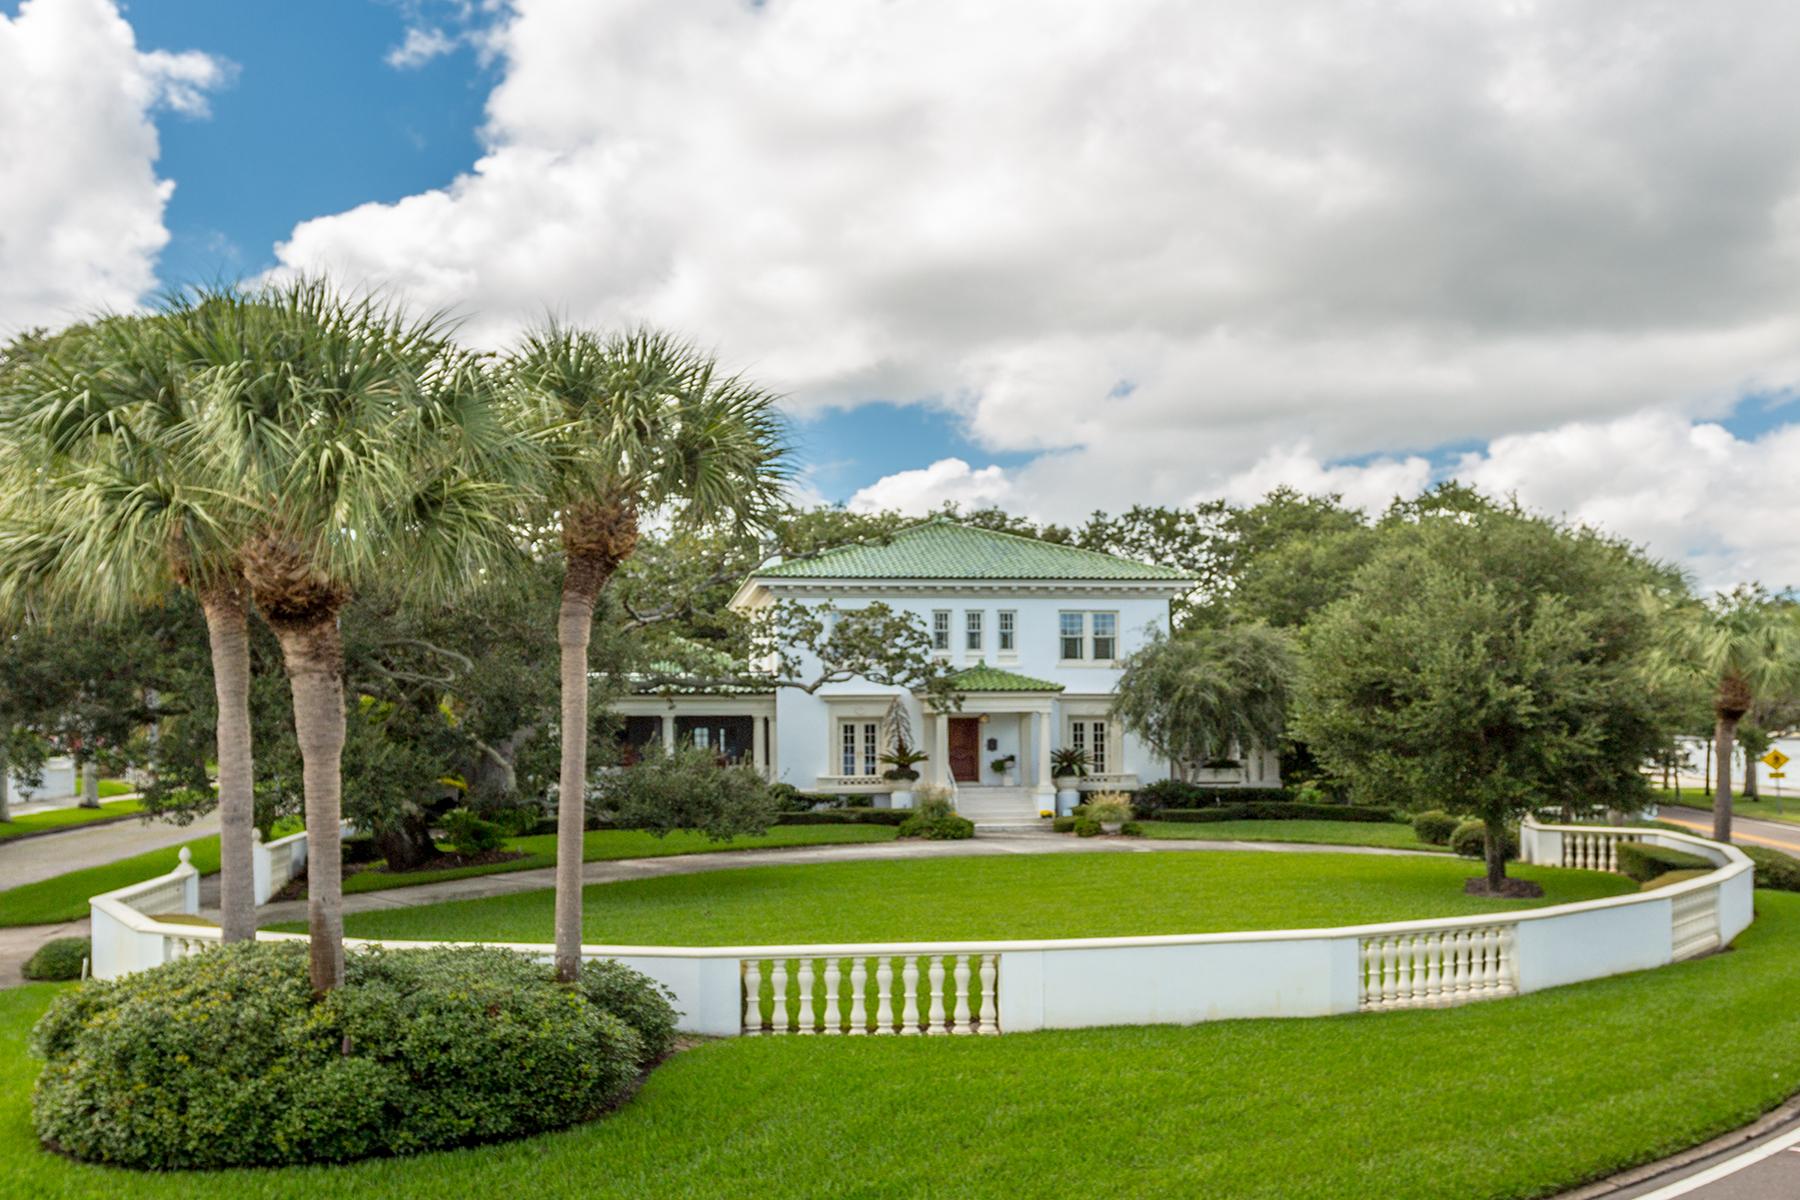 Vivienda unifamiliar por un Venta en ST. PETERSBURG 1800 Northshore Dr NE St. Petersburg, Florida 33704 Estados Unidos